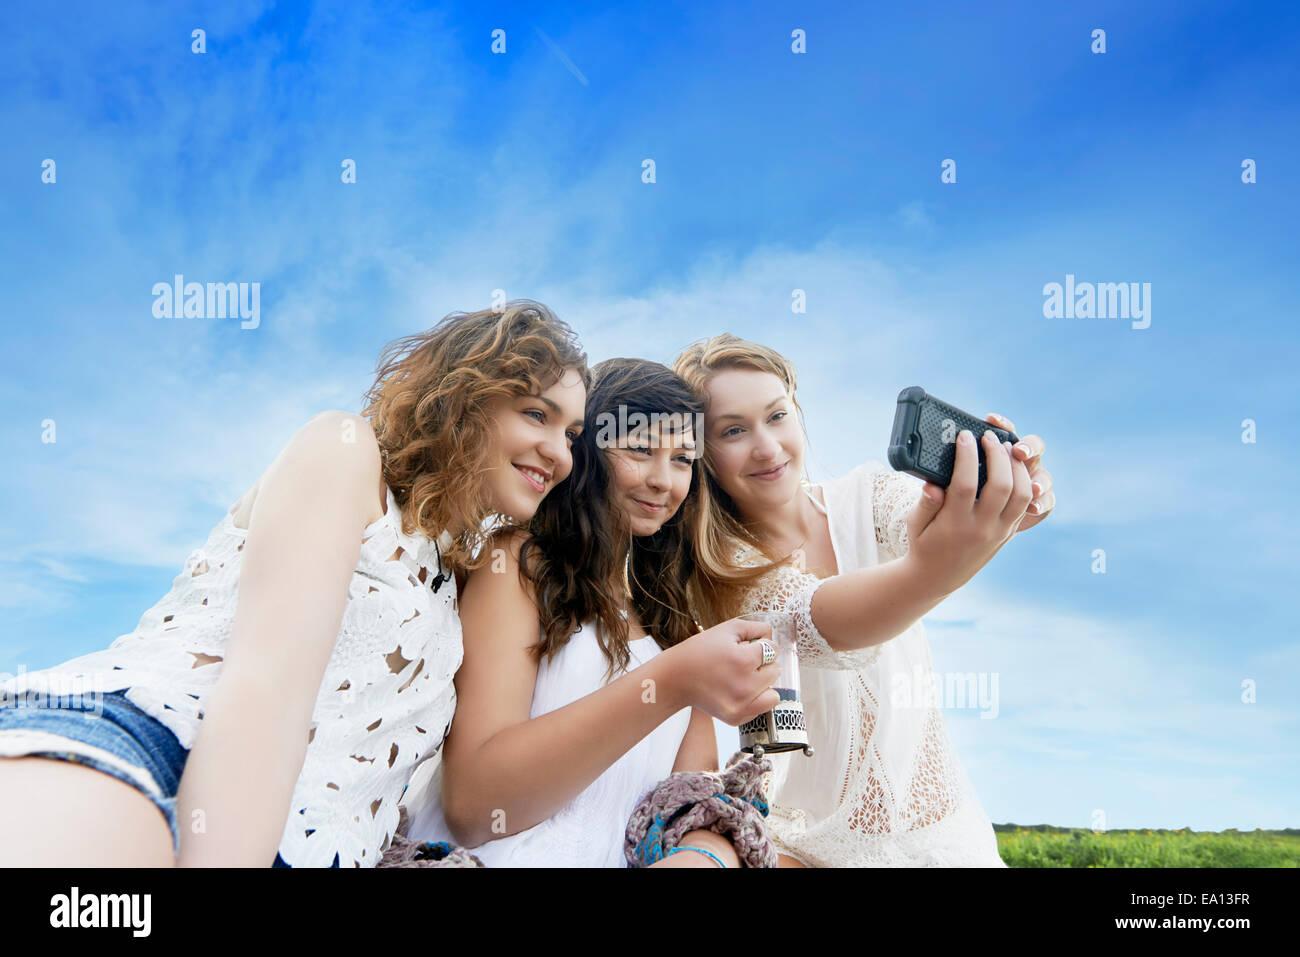 Tre giovani donne in campo in posa per selfie sullo smartphone Immagini Stock